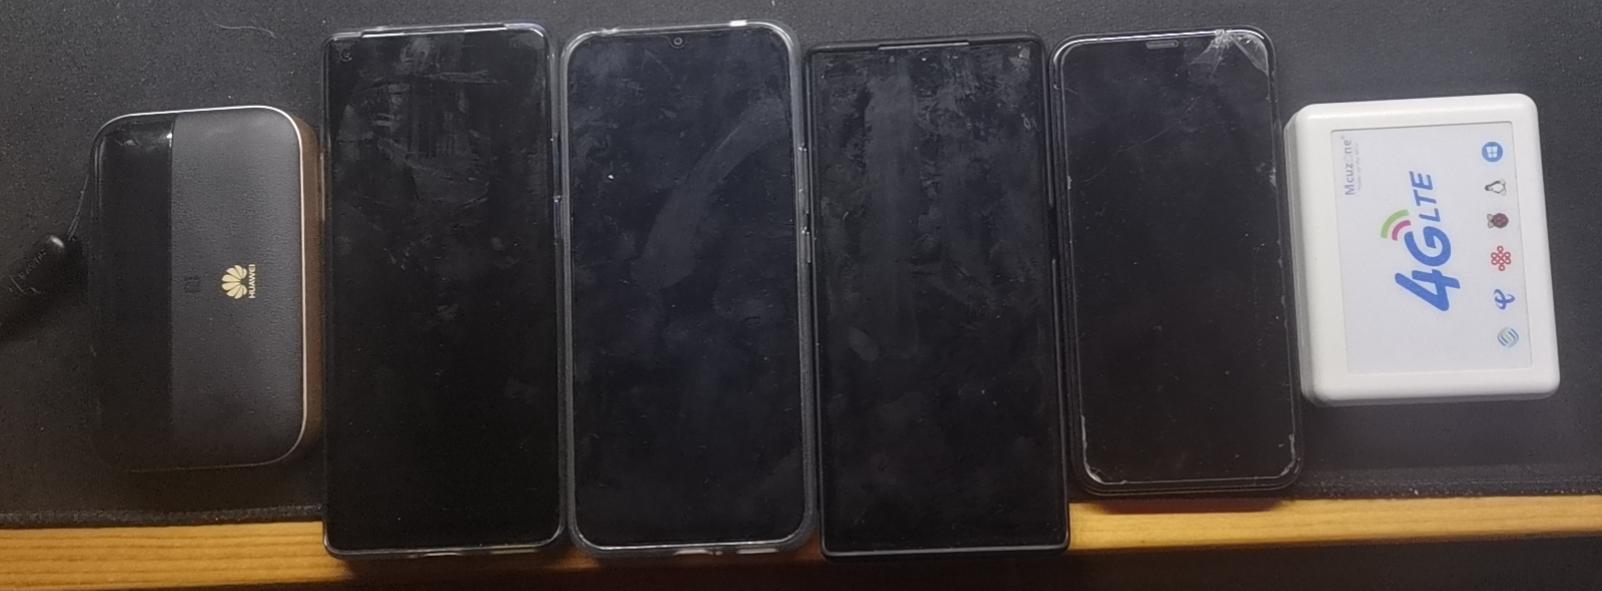 4G路由/测试手机/4G模组